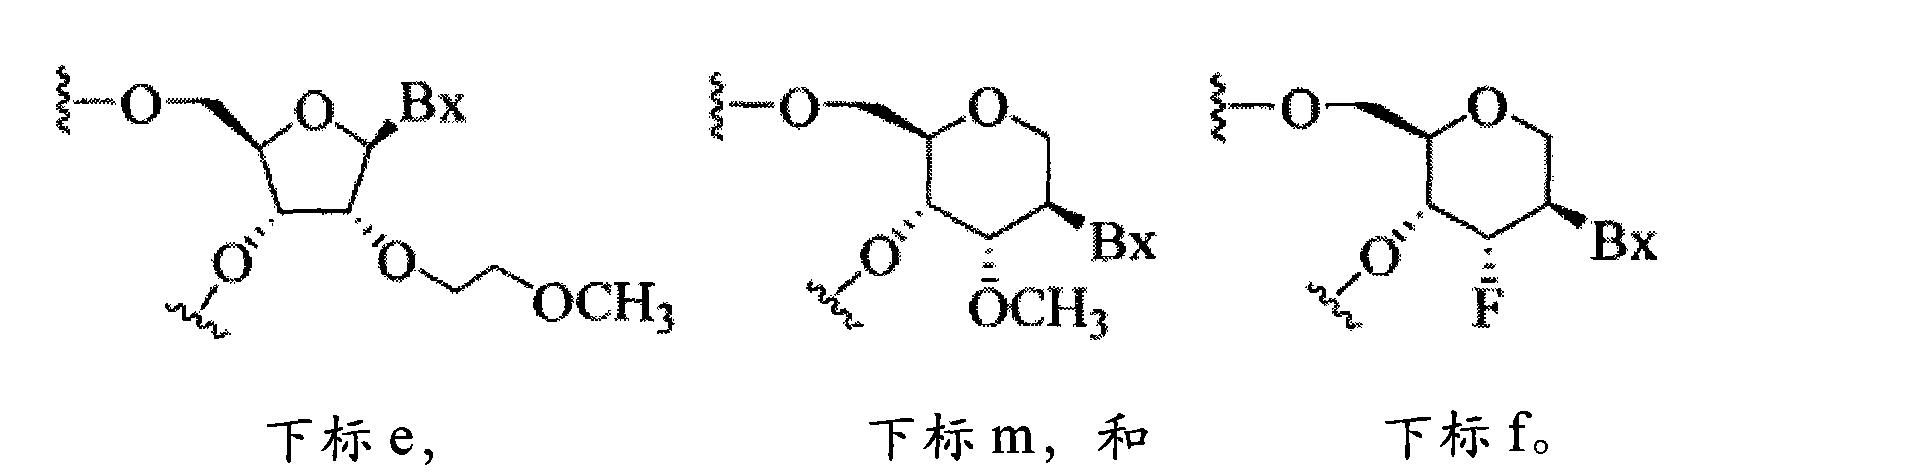 Figure CN101821277BD00972